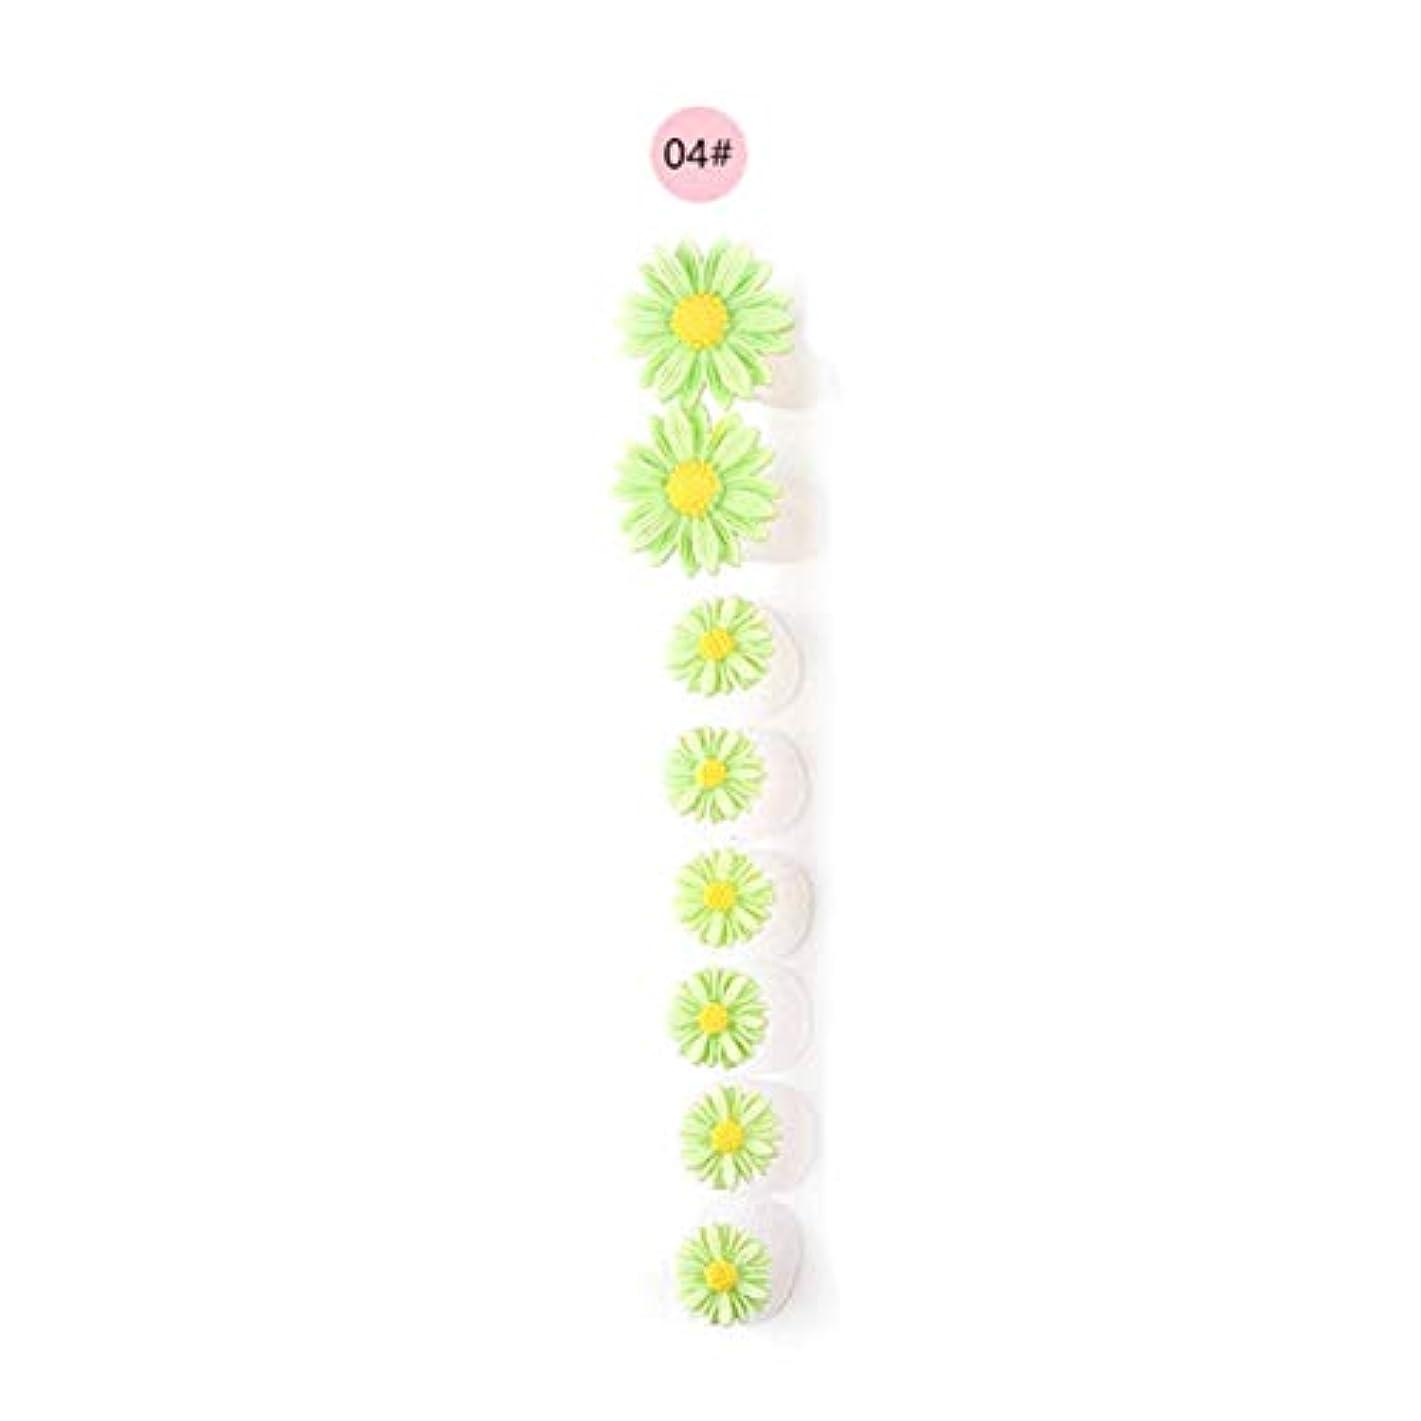 フラスコスマッシュつかむ8ピース/セットシリコンつま先セパレーター足つま先スペーサー花形ペディキュアDIYネイルアートツール-カラフル04#